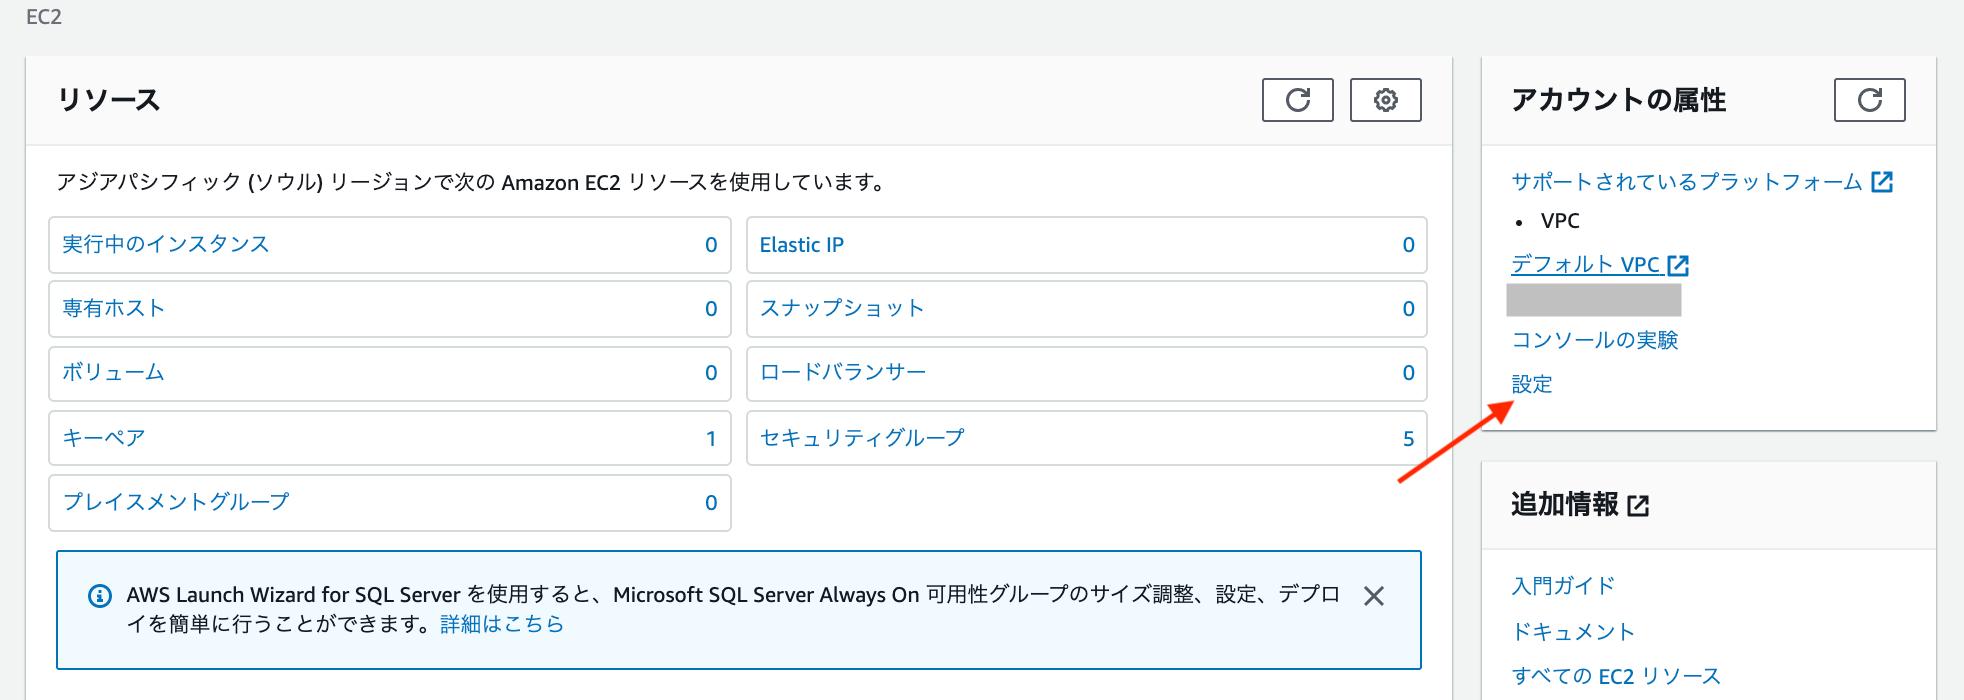 スクリーンショット 2020-04-26 23.54.40.png